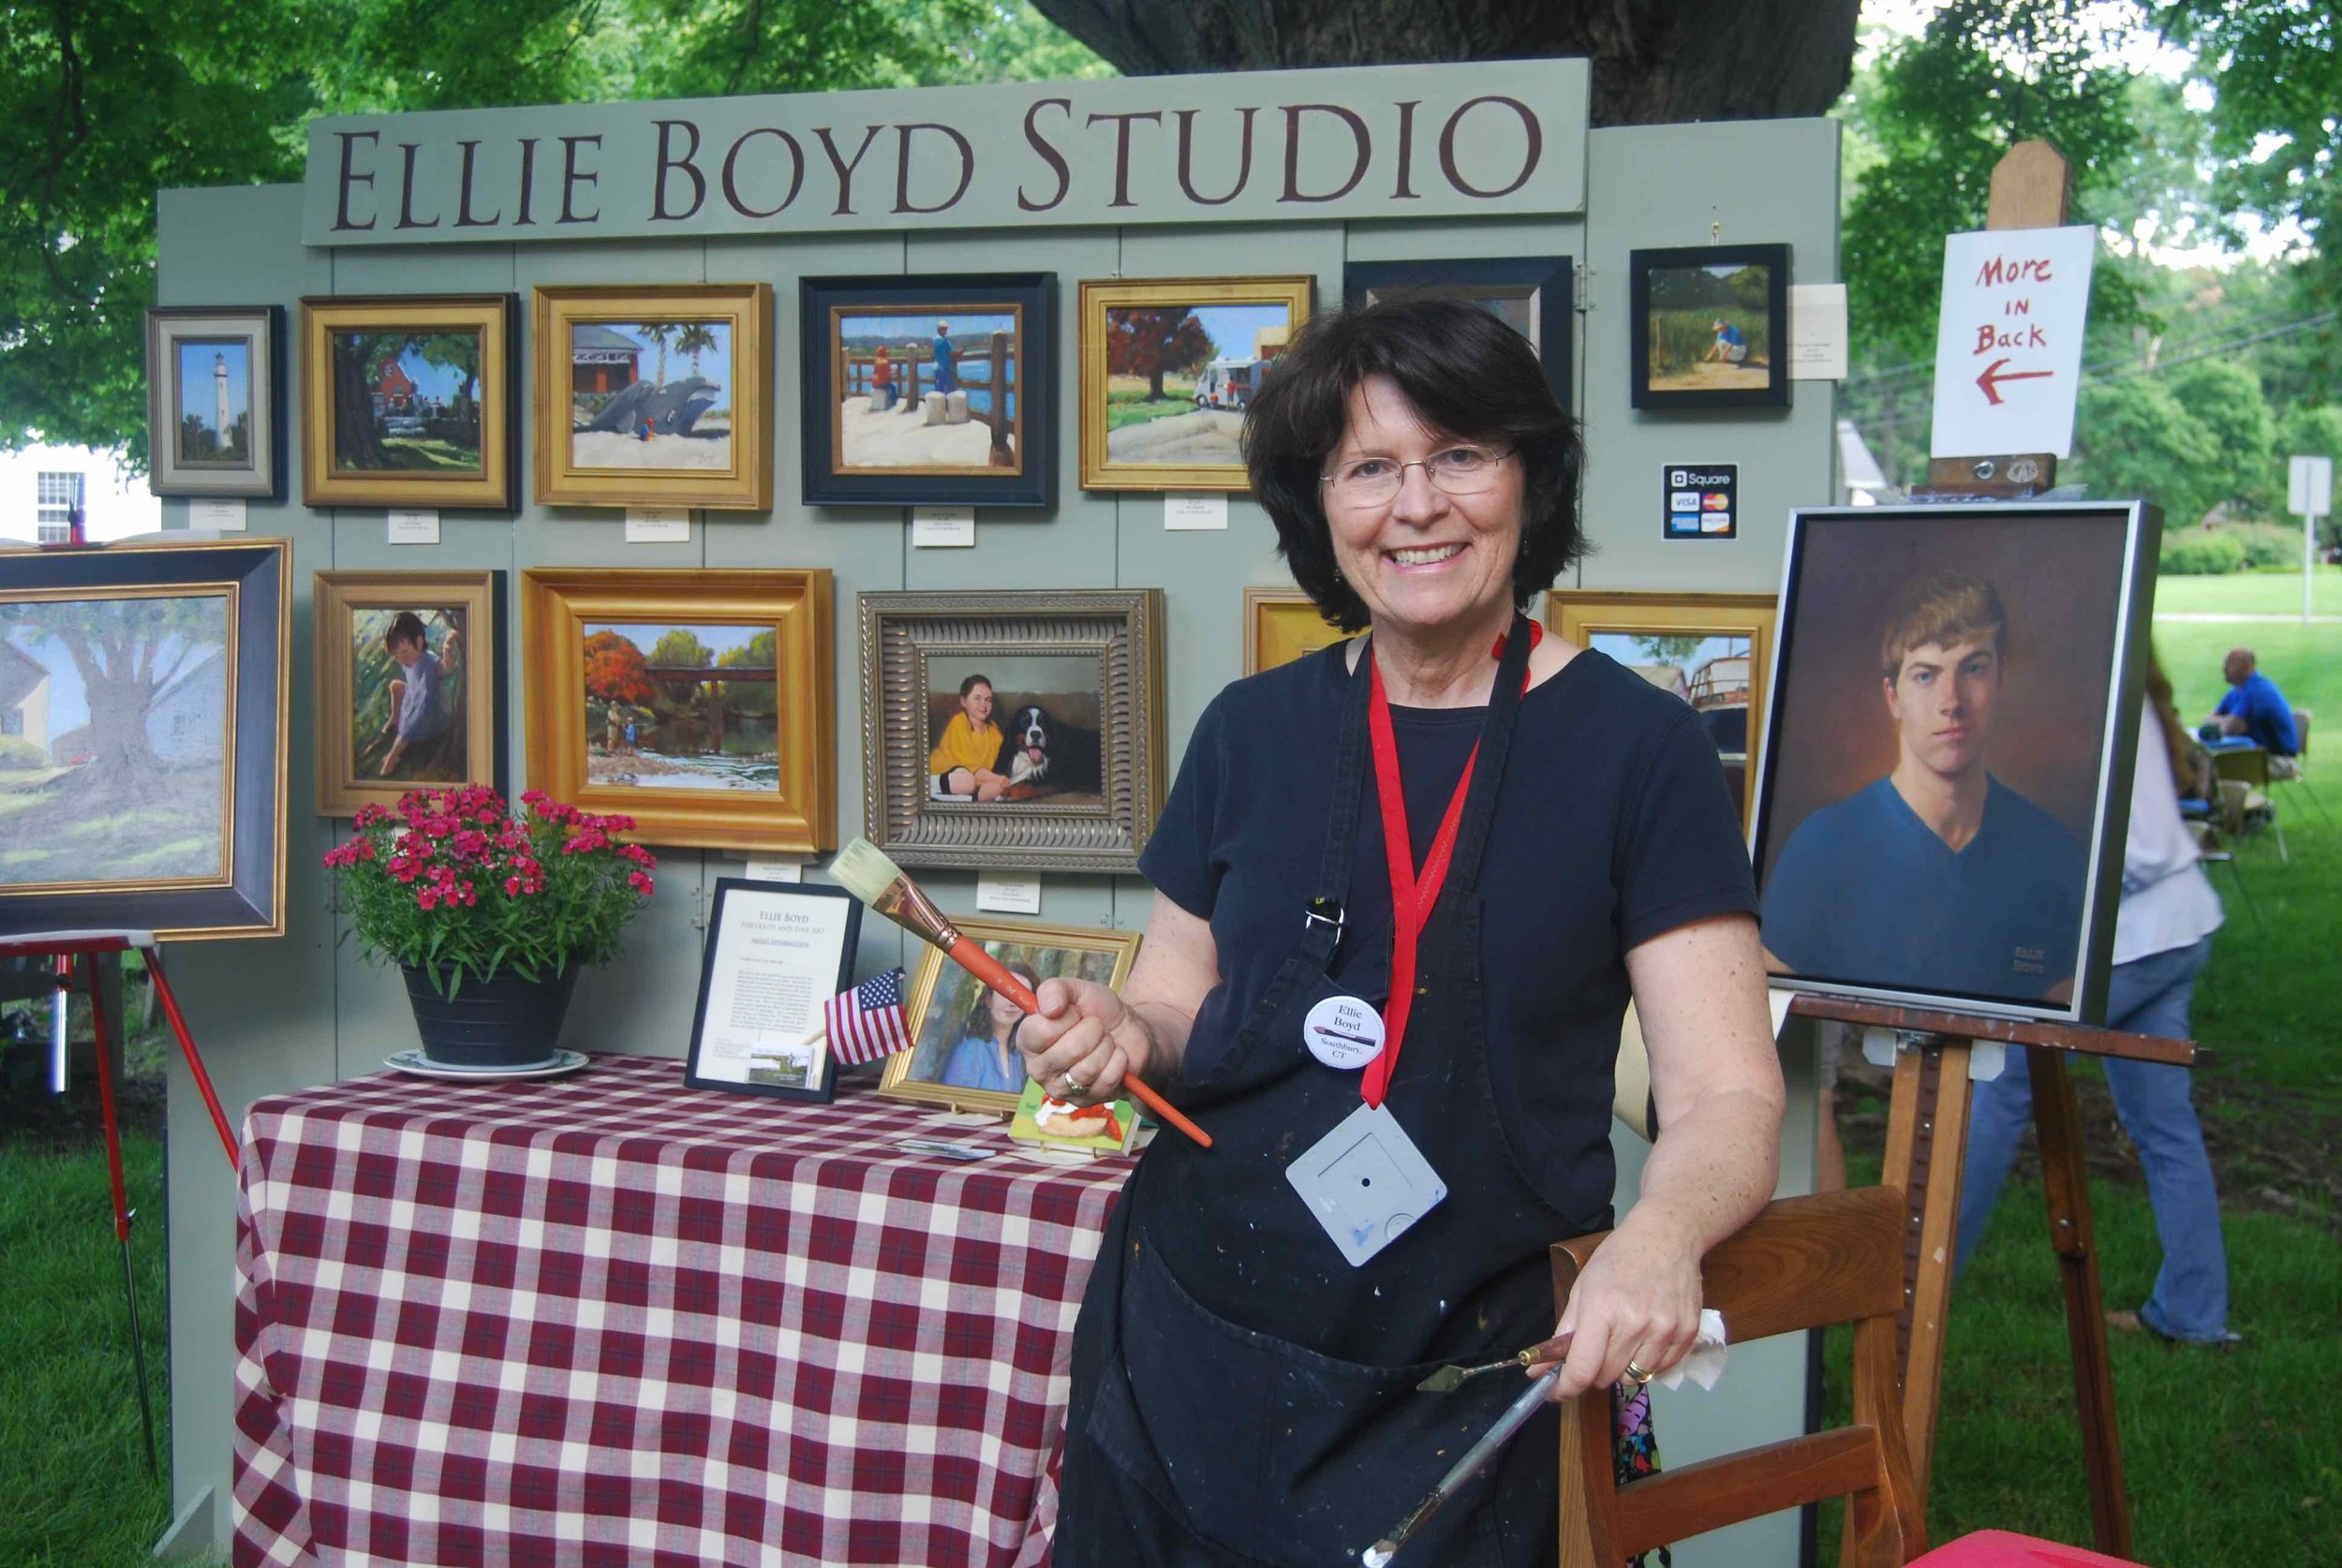 United Church of Christ, Southbury Strawberry Festival Vendor Ellie Boyd